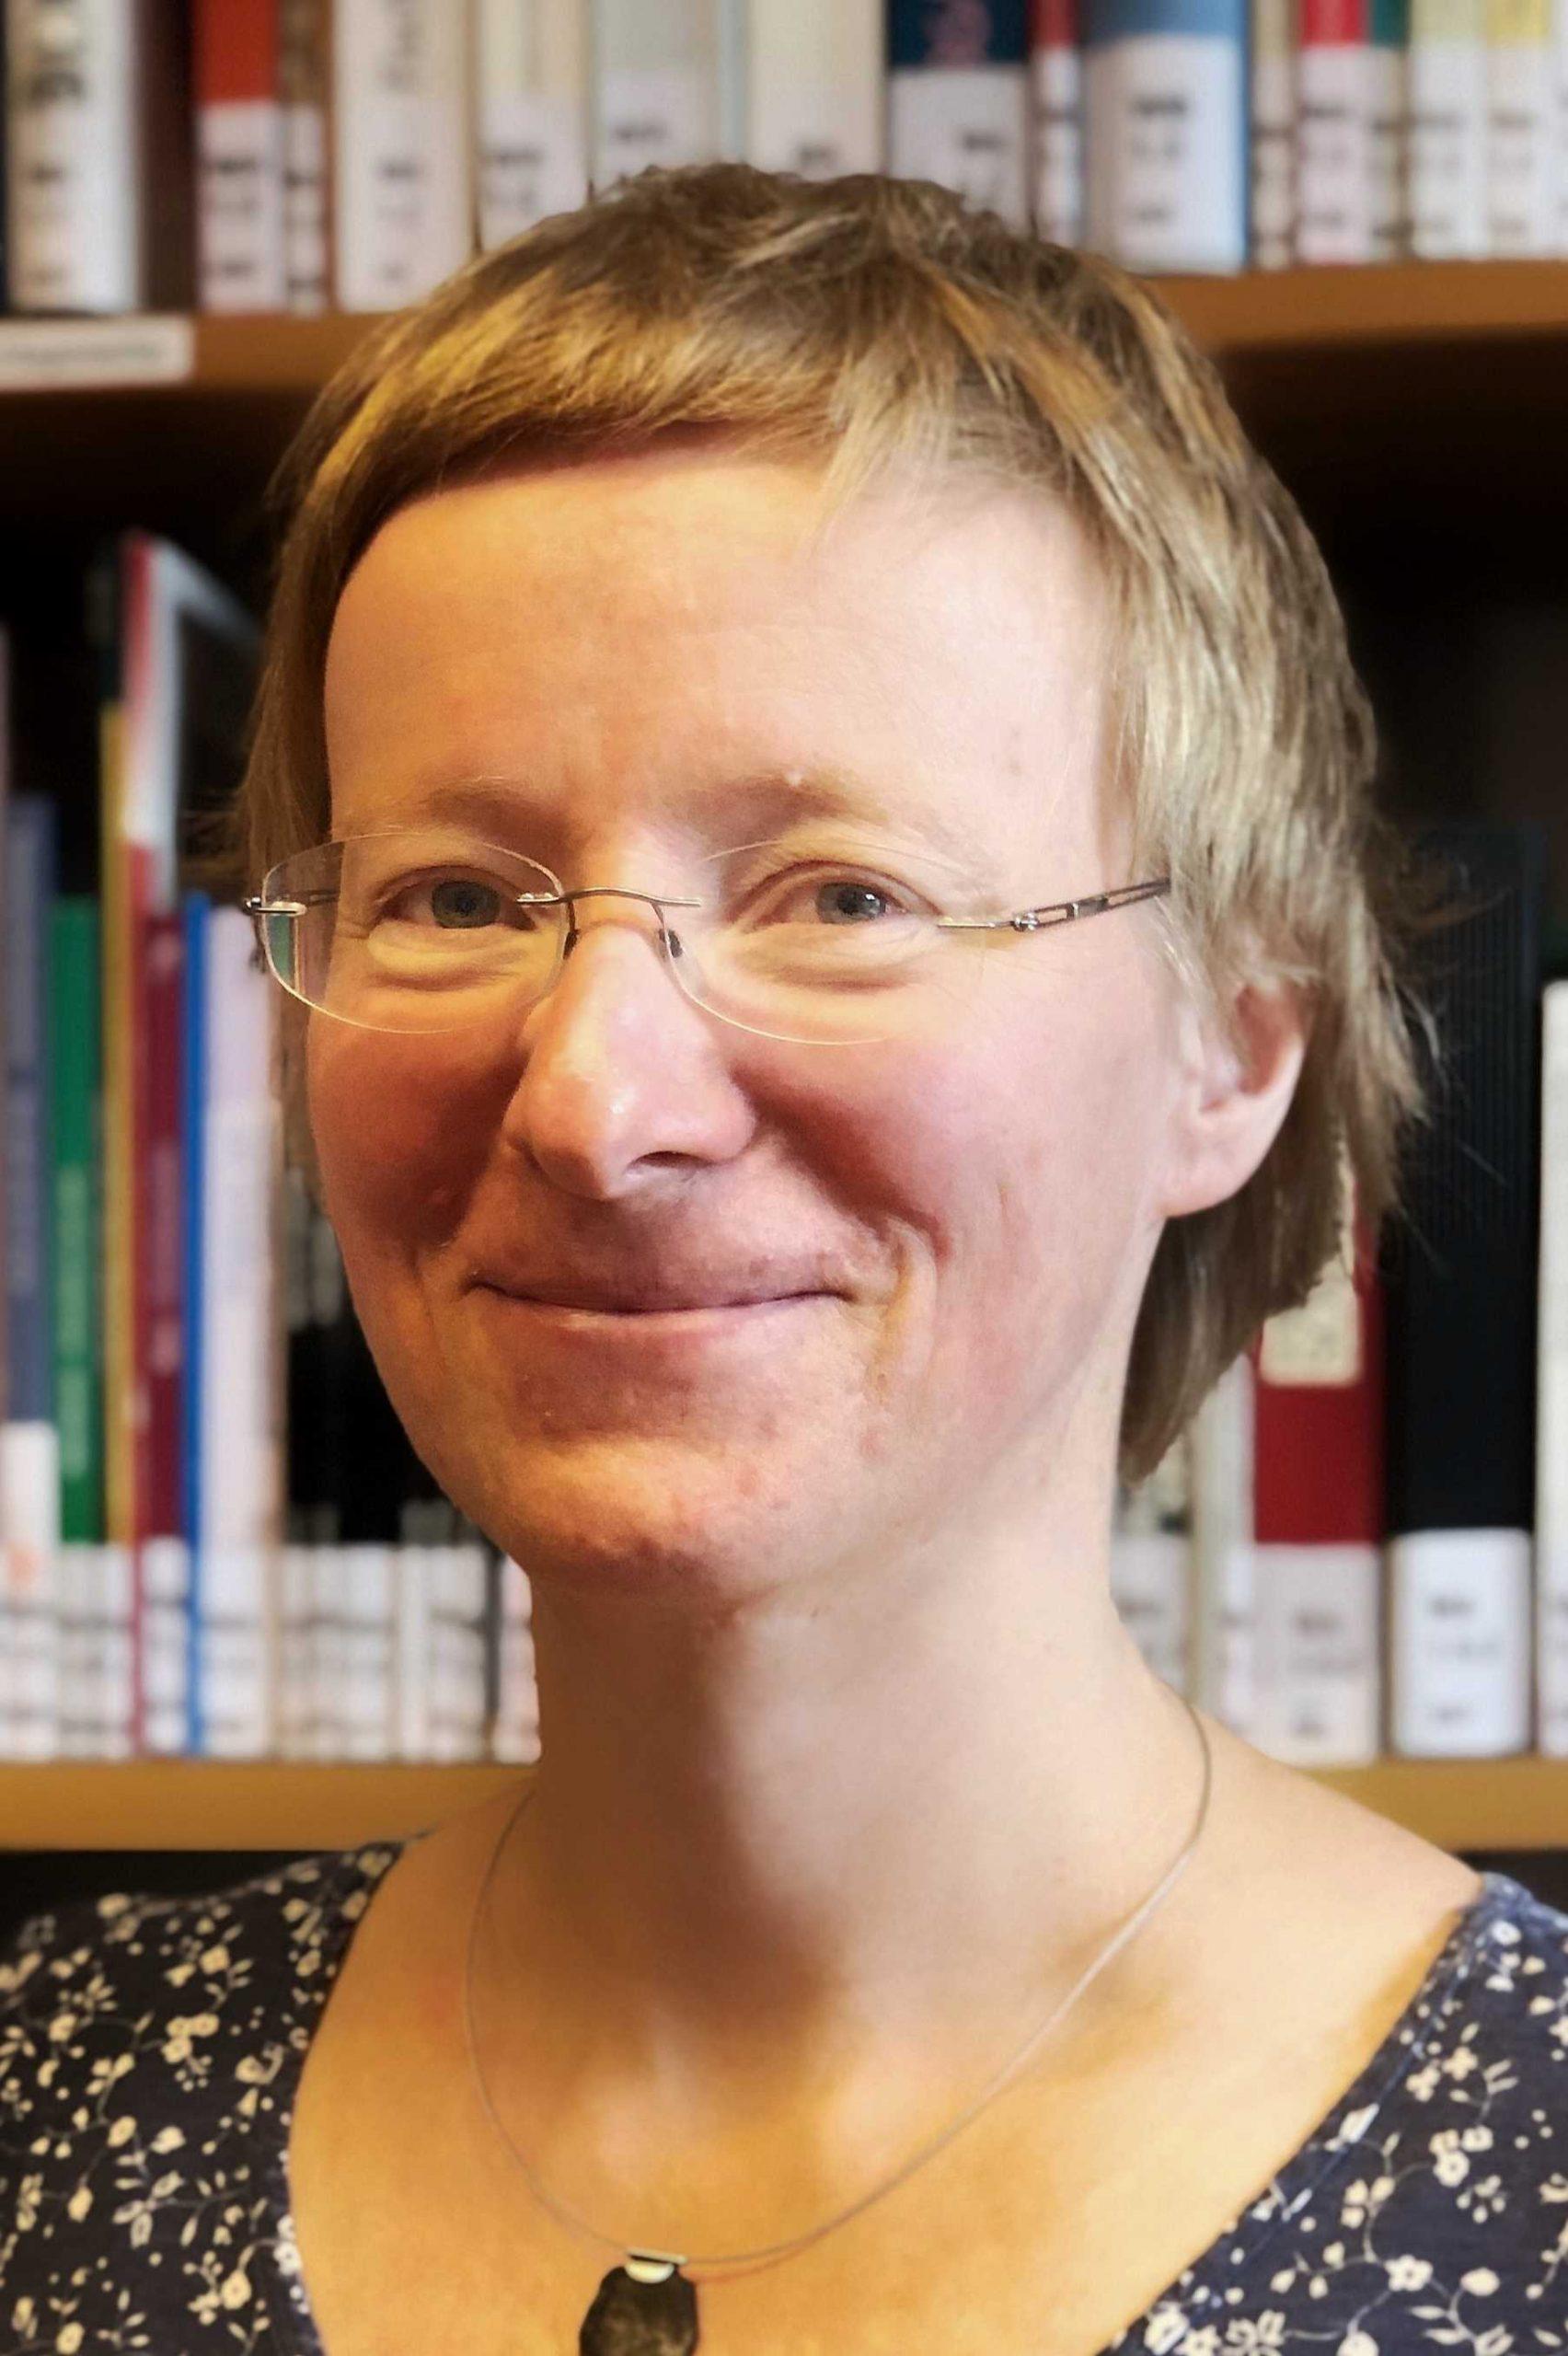 Annegret Krellner